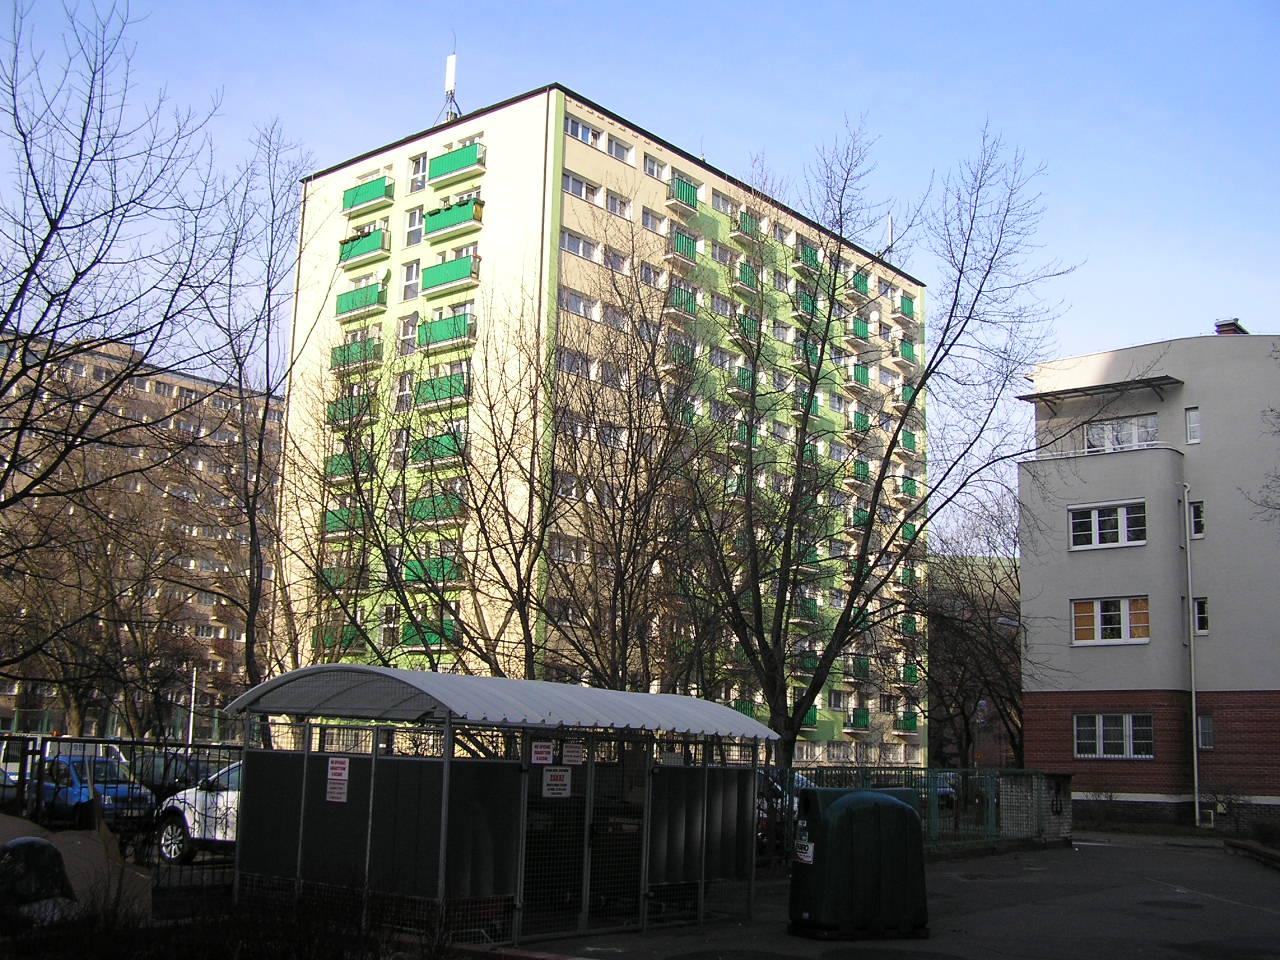 Blok przy ulicy Kobielskiej 7 na Grochowie